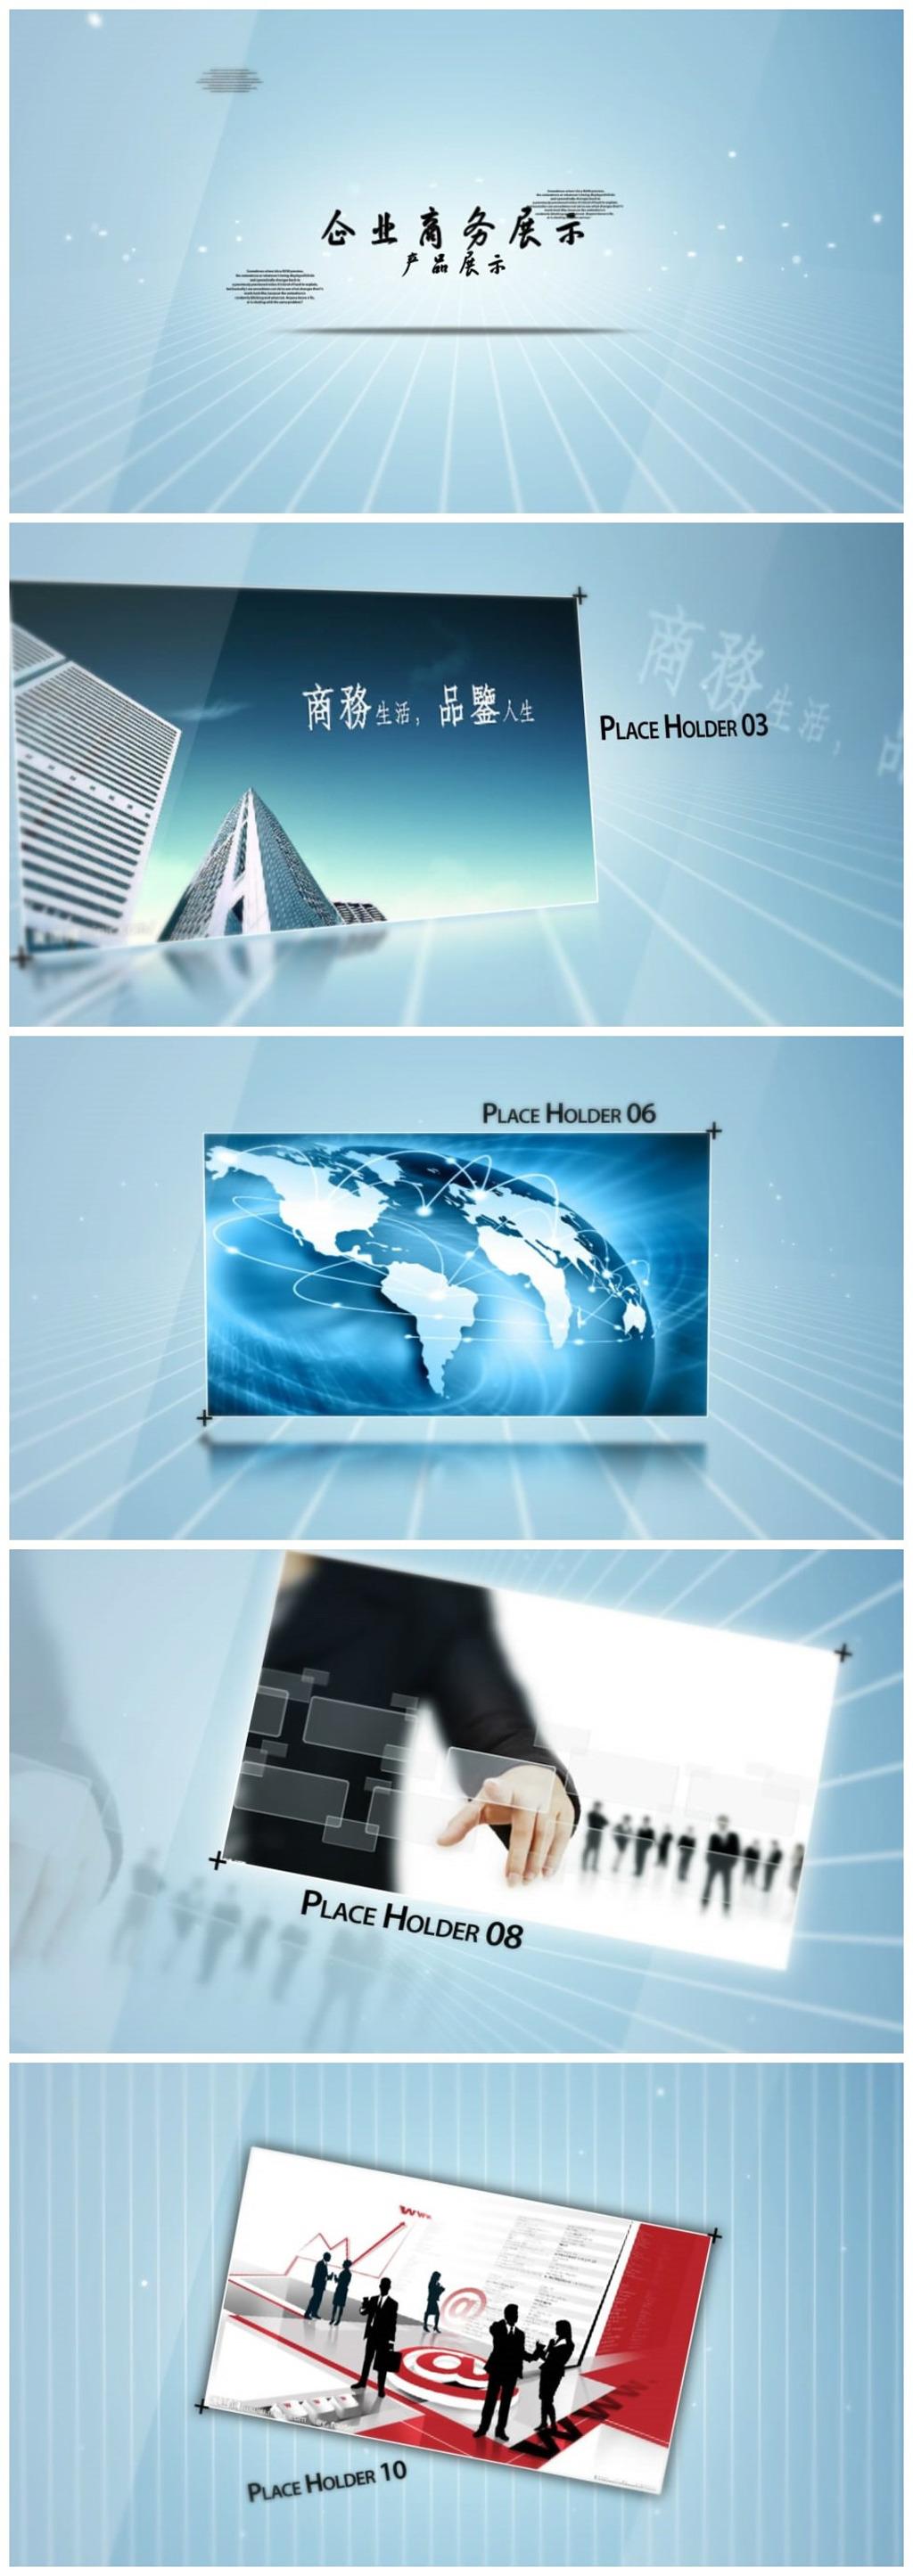 ae企业宣传模板商务宣传视频模板